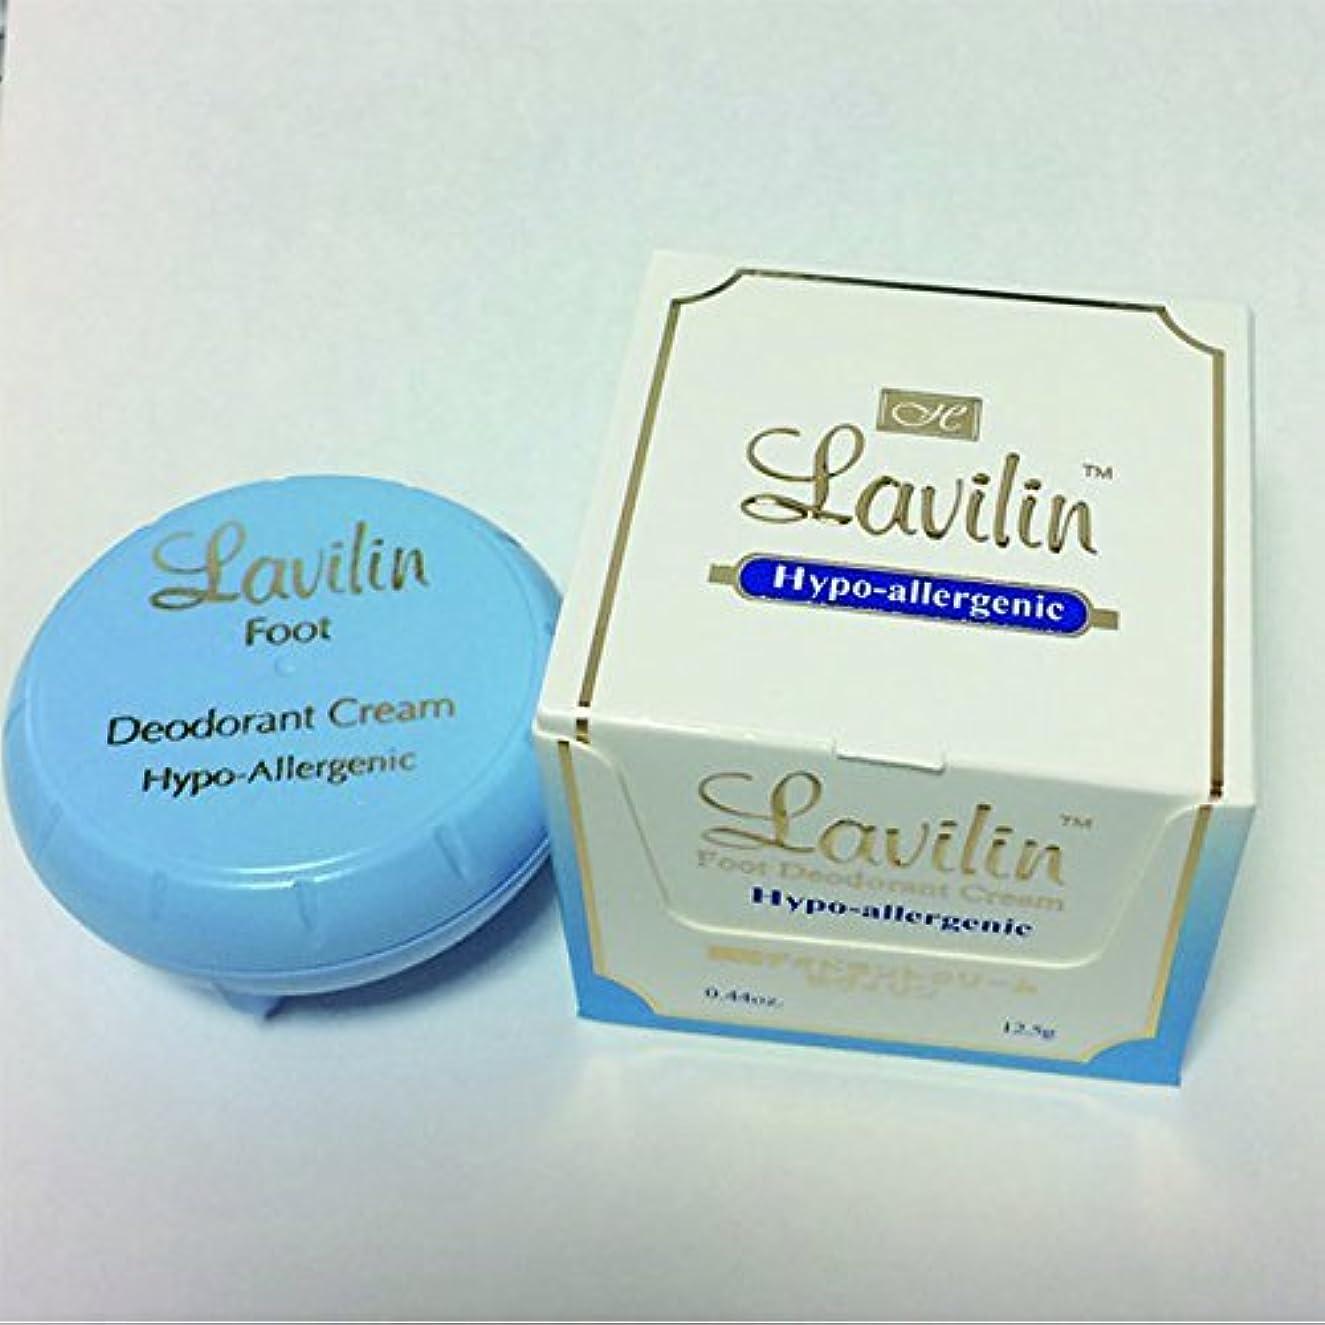 共産主義者マーガレットミッチェル簡潔なラヴィリン 薬用 フットクリーム 12.5g 足の臭い匂い予防 デオドラントクリーム lavilin ラビリン